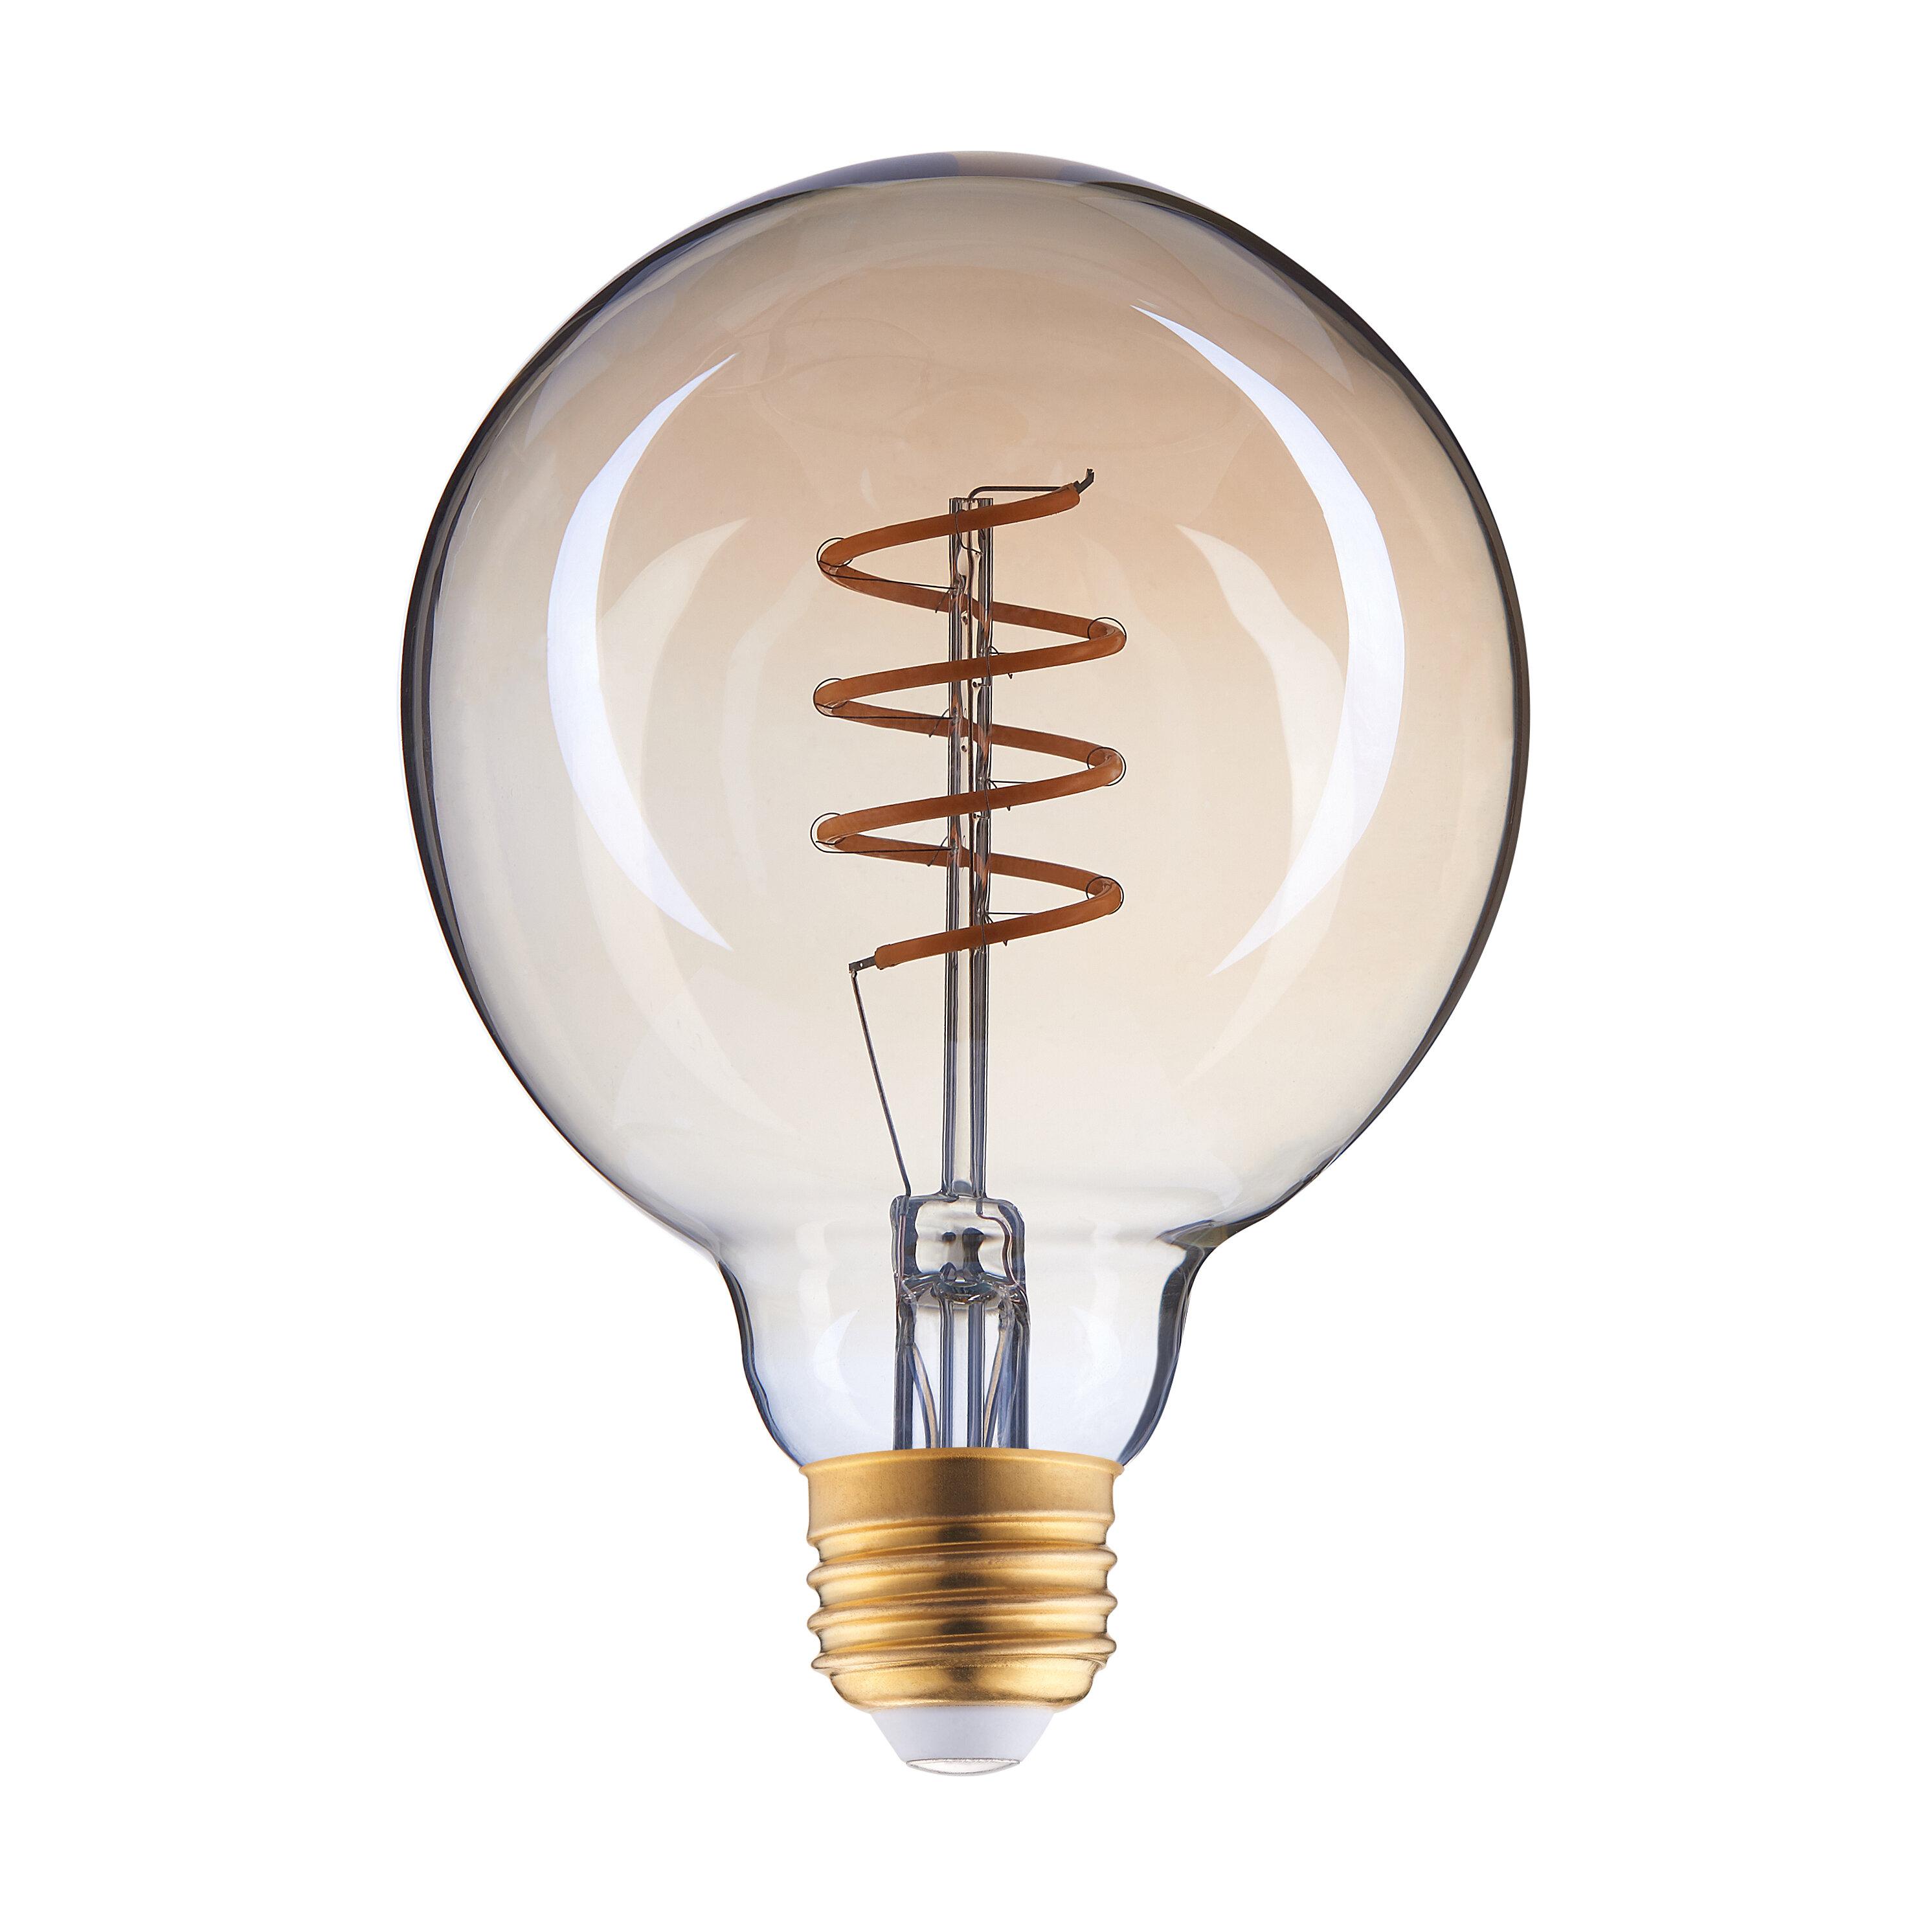 Archiology 4 Watt 40 Watt Equivalent G30 Led Dimmable Light Bulb Warm White 2700k E26 Medium Standard Base Reviews Wayfair